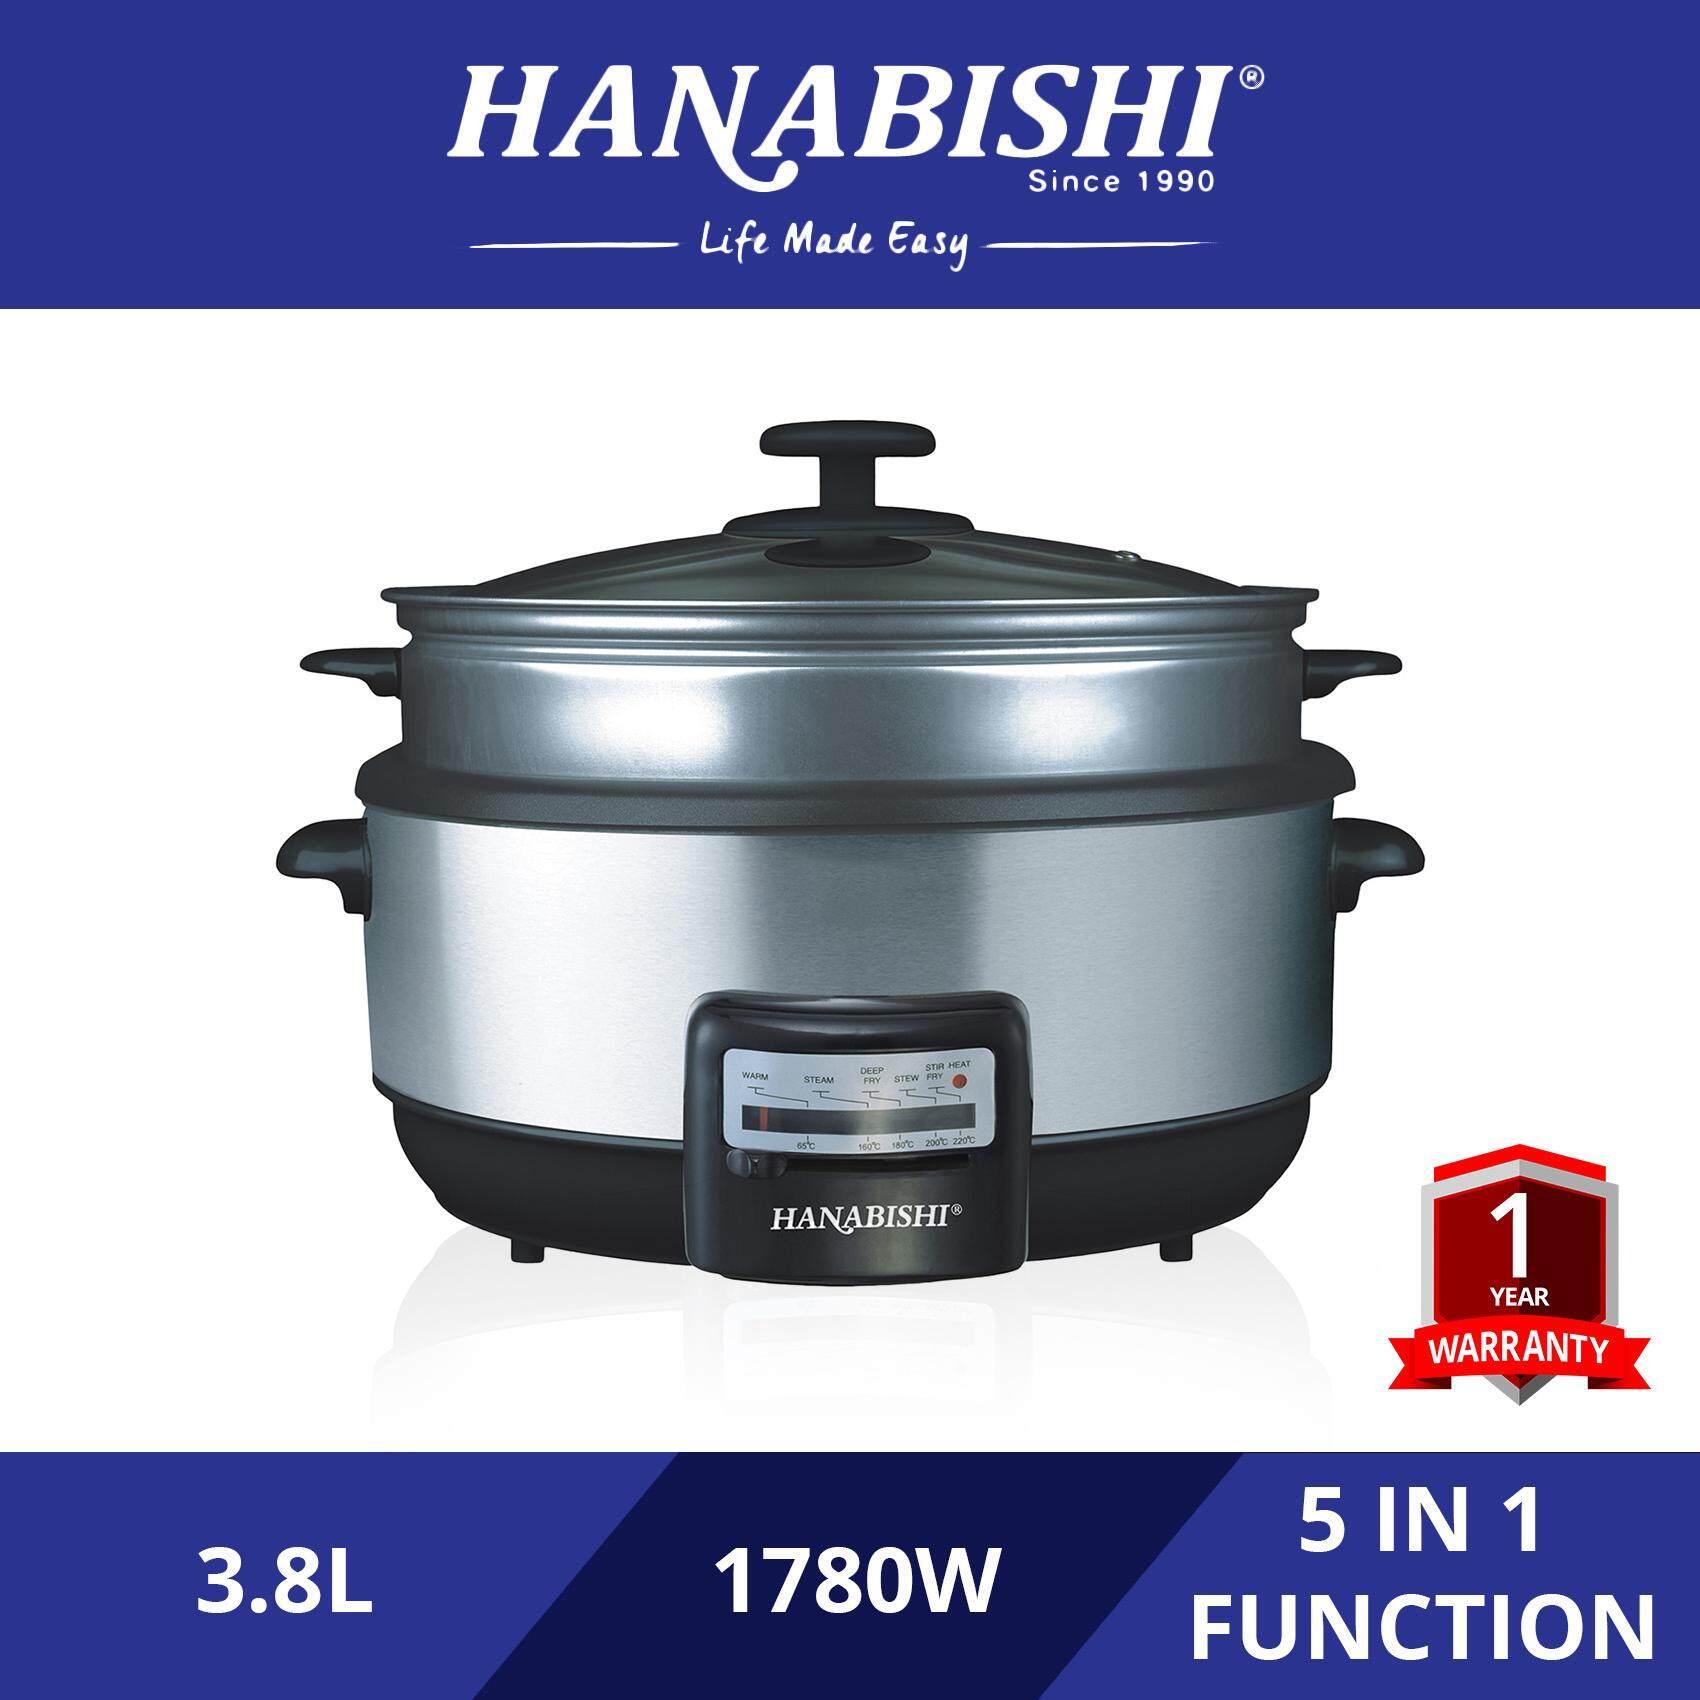 Hanabishi Multi Cooker 3.8L Non-Stick Bowl (with Steamer) HA1600